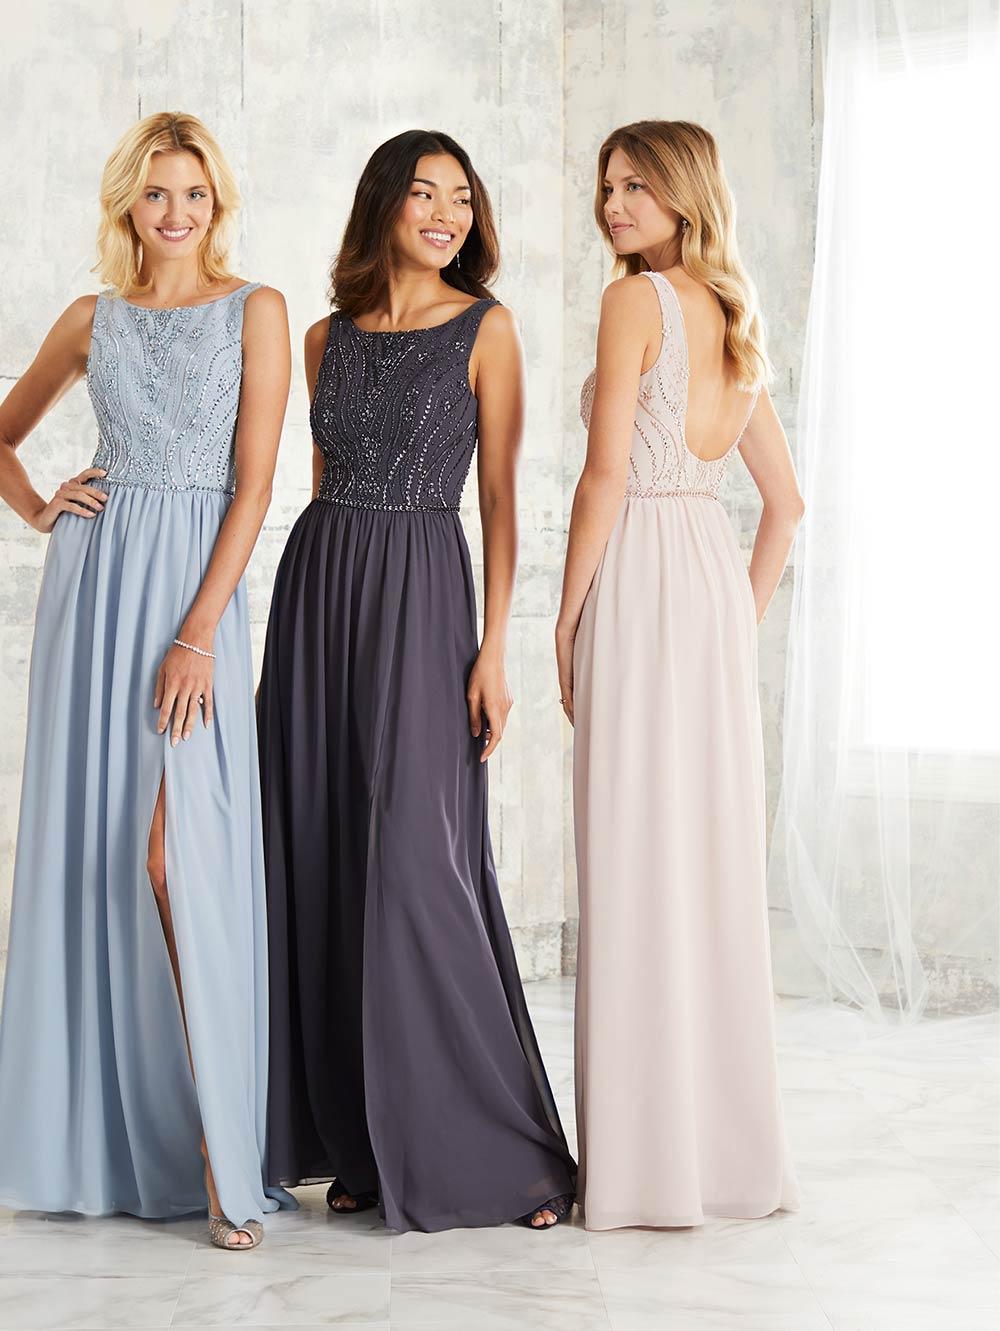 bridesmaid-dresses-adrianna-papell-platinum-27857